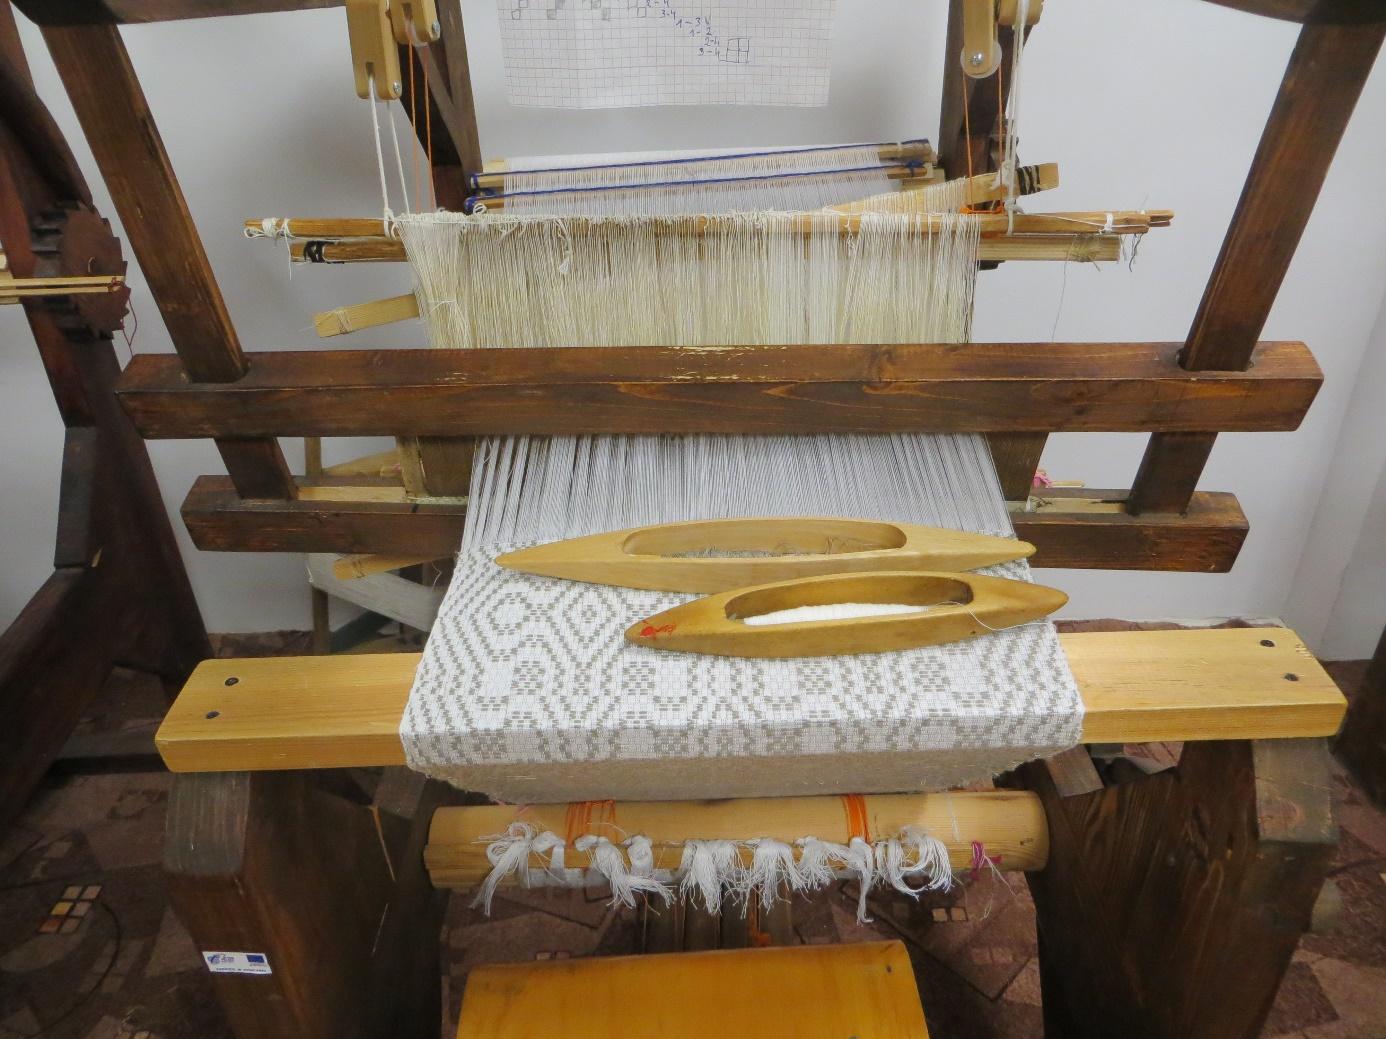 Keturnytas audinys skirtas rankšluosčiams